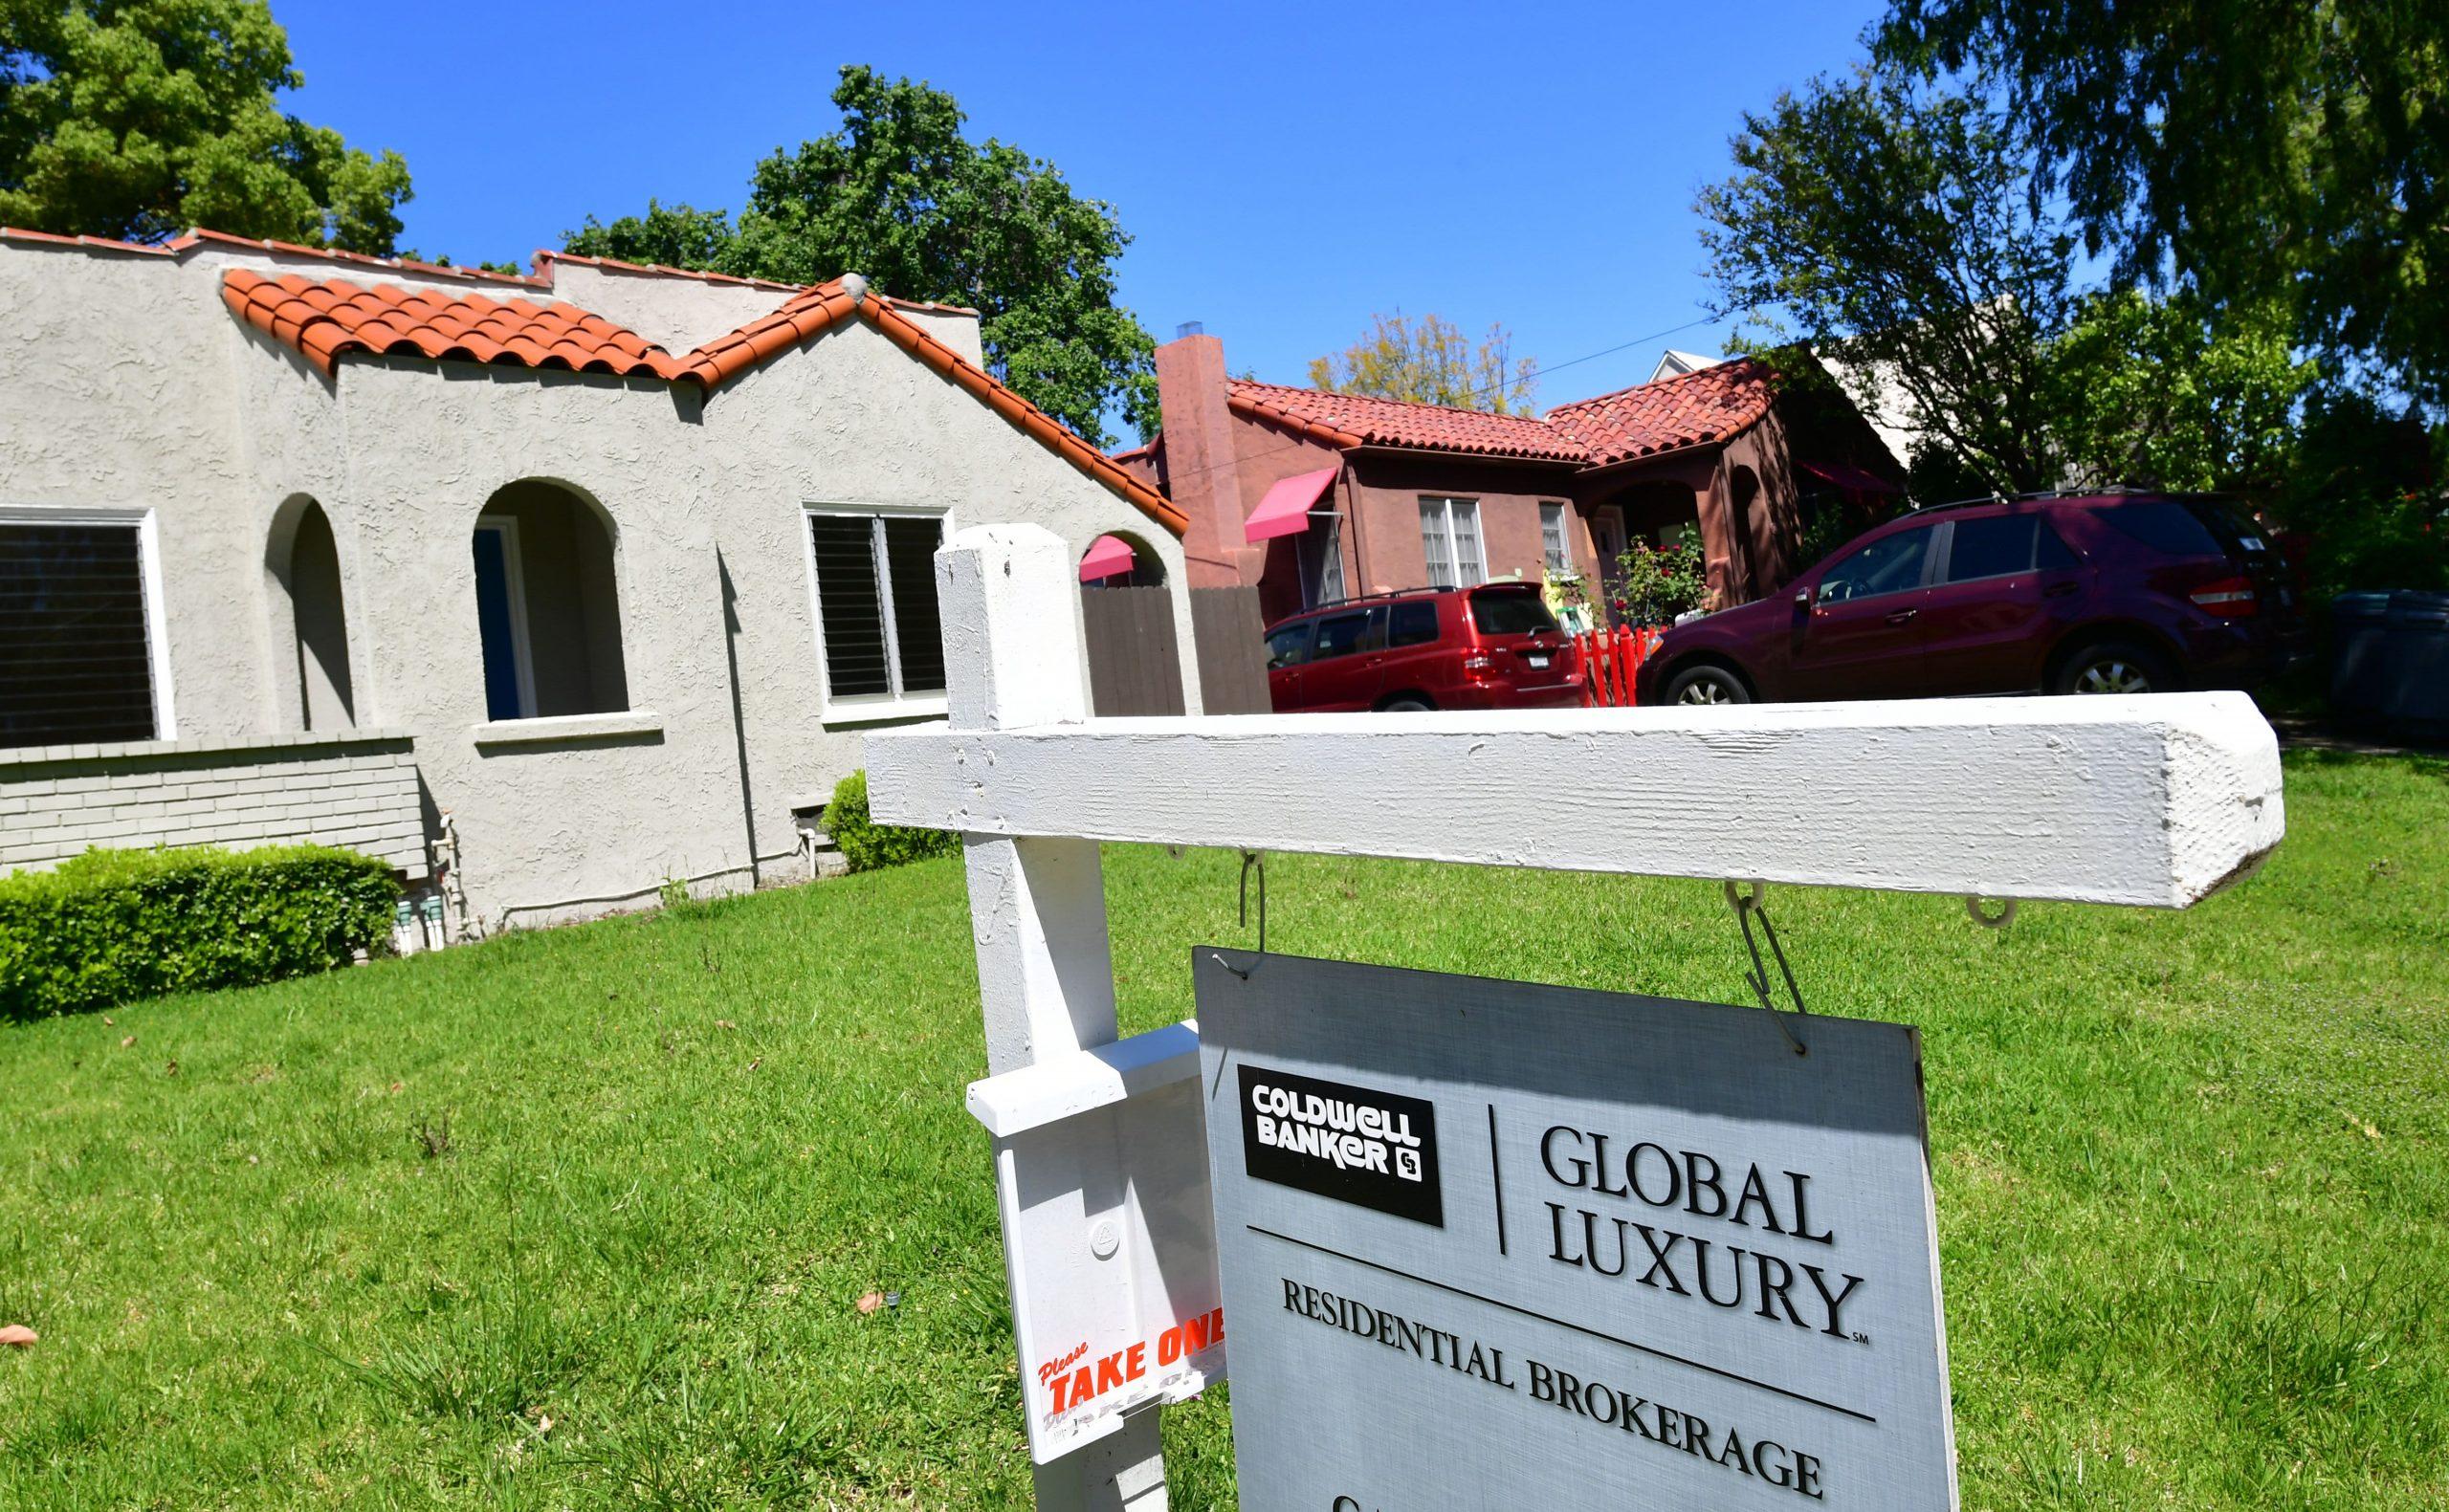 La escasez de viviendas épica finalmente puede estar comenzando a aumentar, ya que un número sorprendente de nuevos listados llegó al mercado en junio